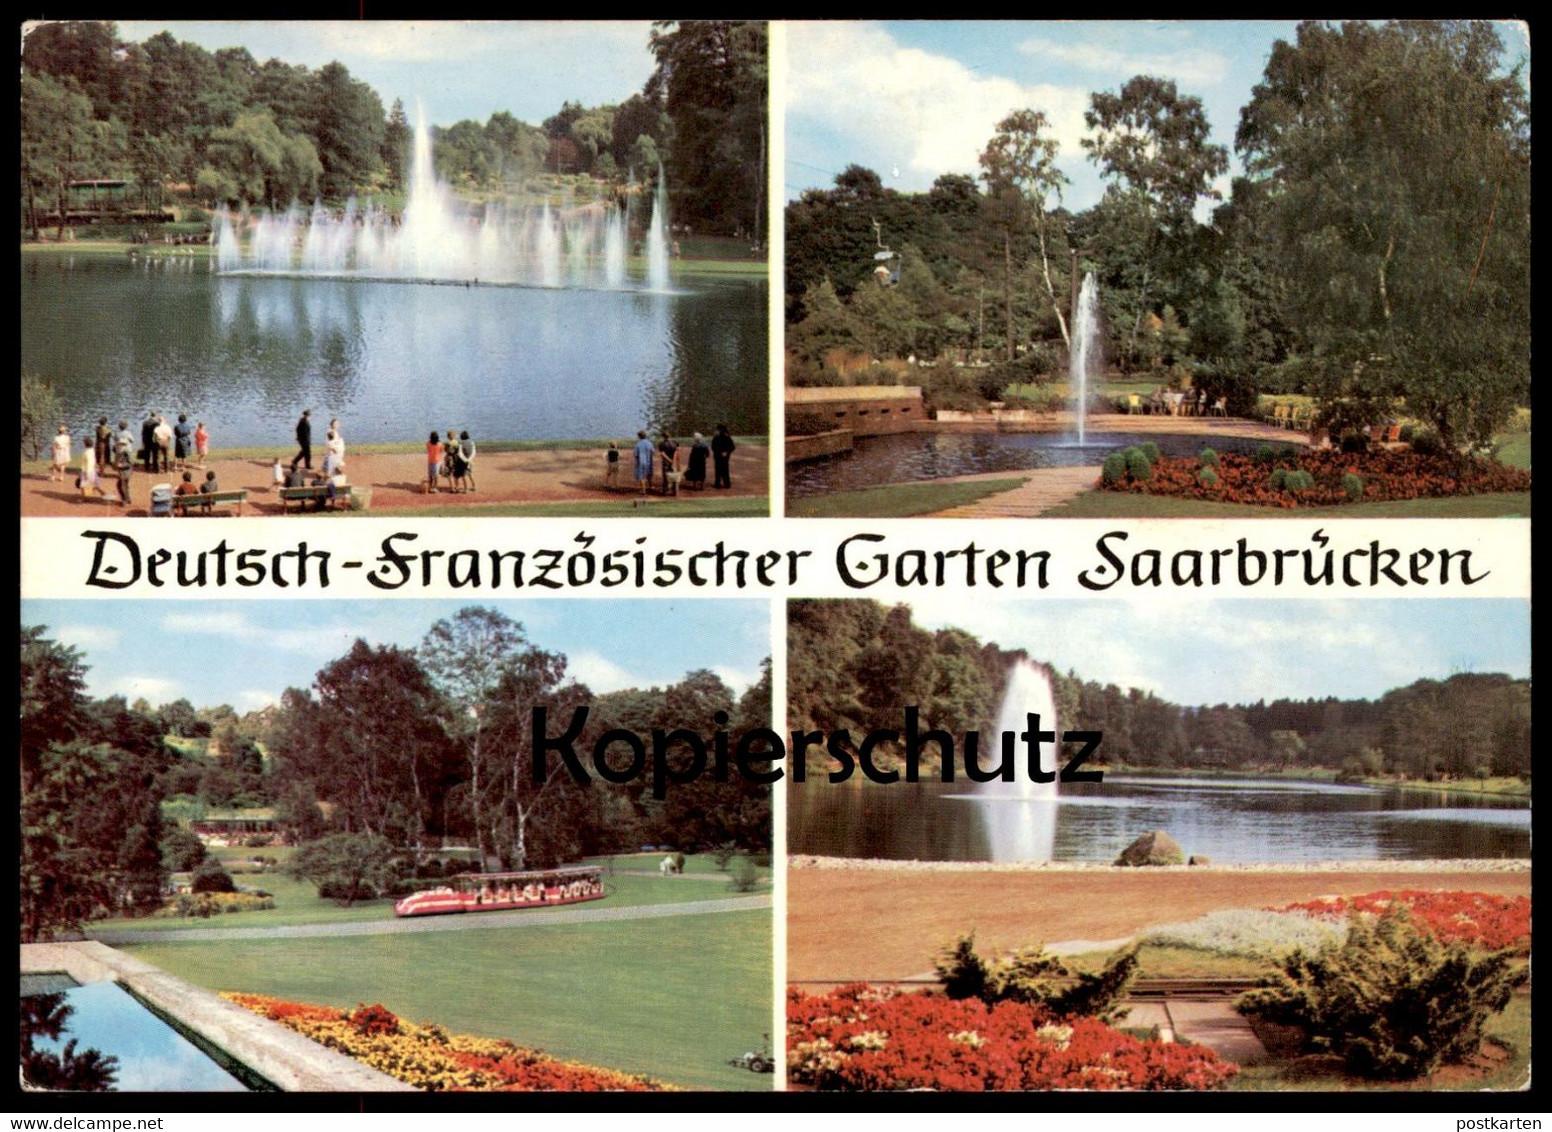 ÄLTERE POSTKARTE SAARBRÜCKEN DEUTSCH-FRANZÖSISCHER GARTEN jardin Zug train touristique locomotive Brunnen fontaine cpa